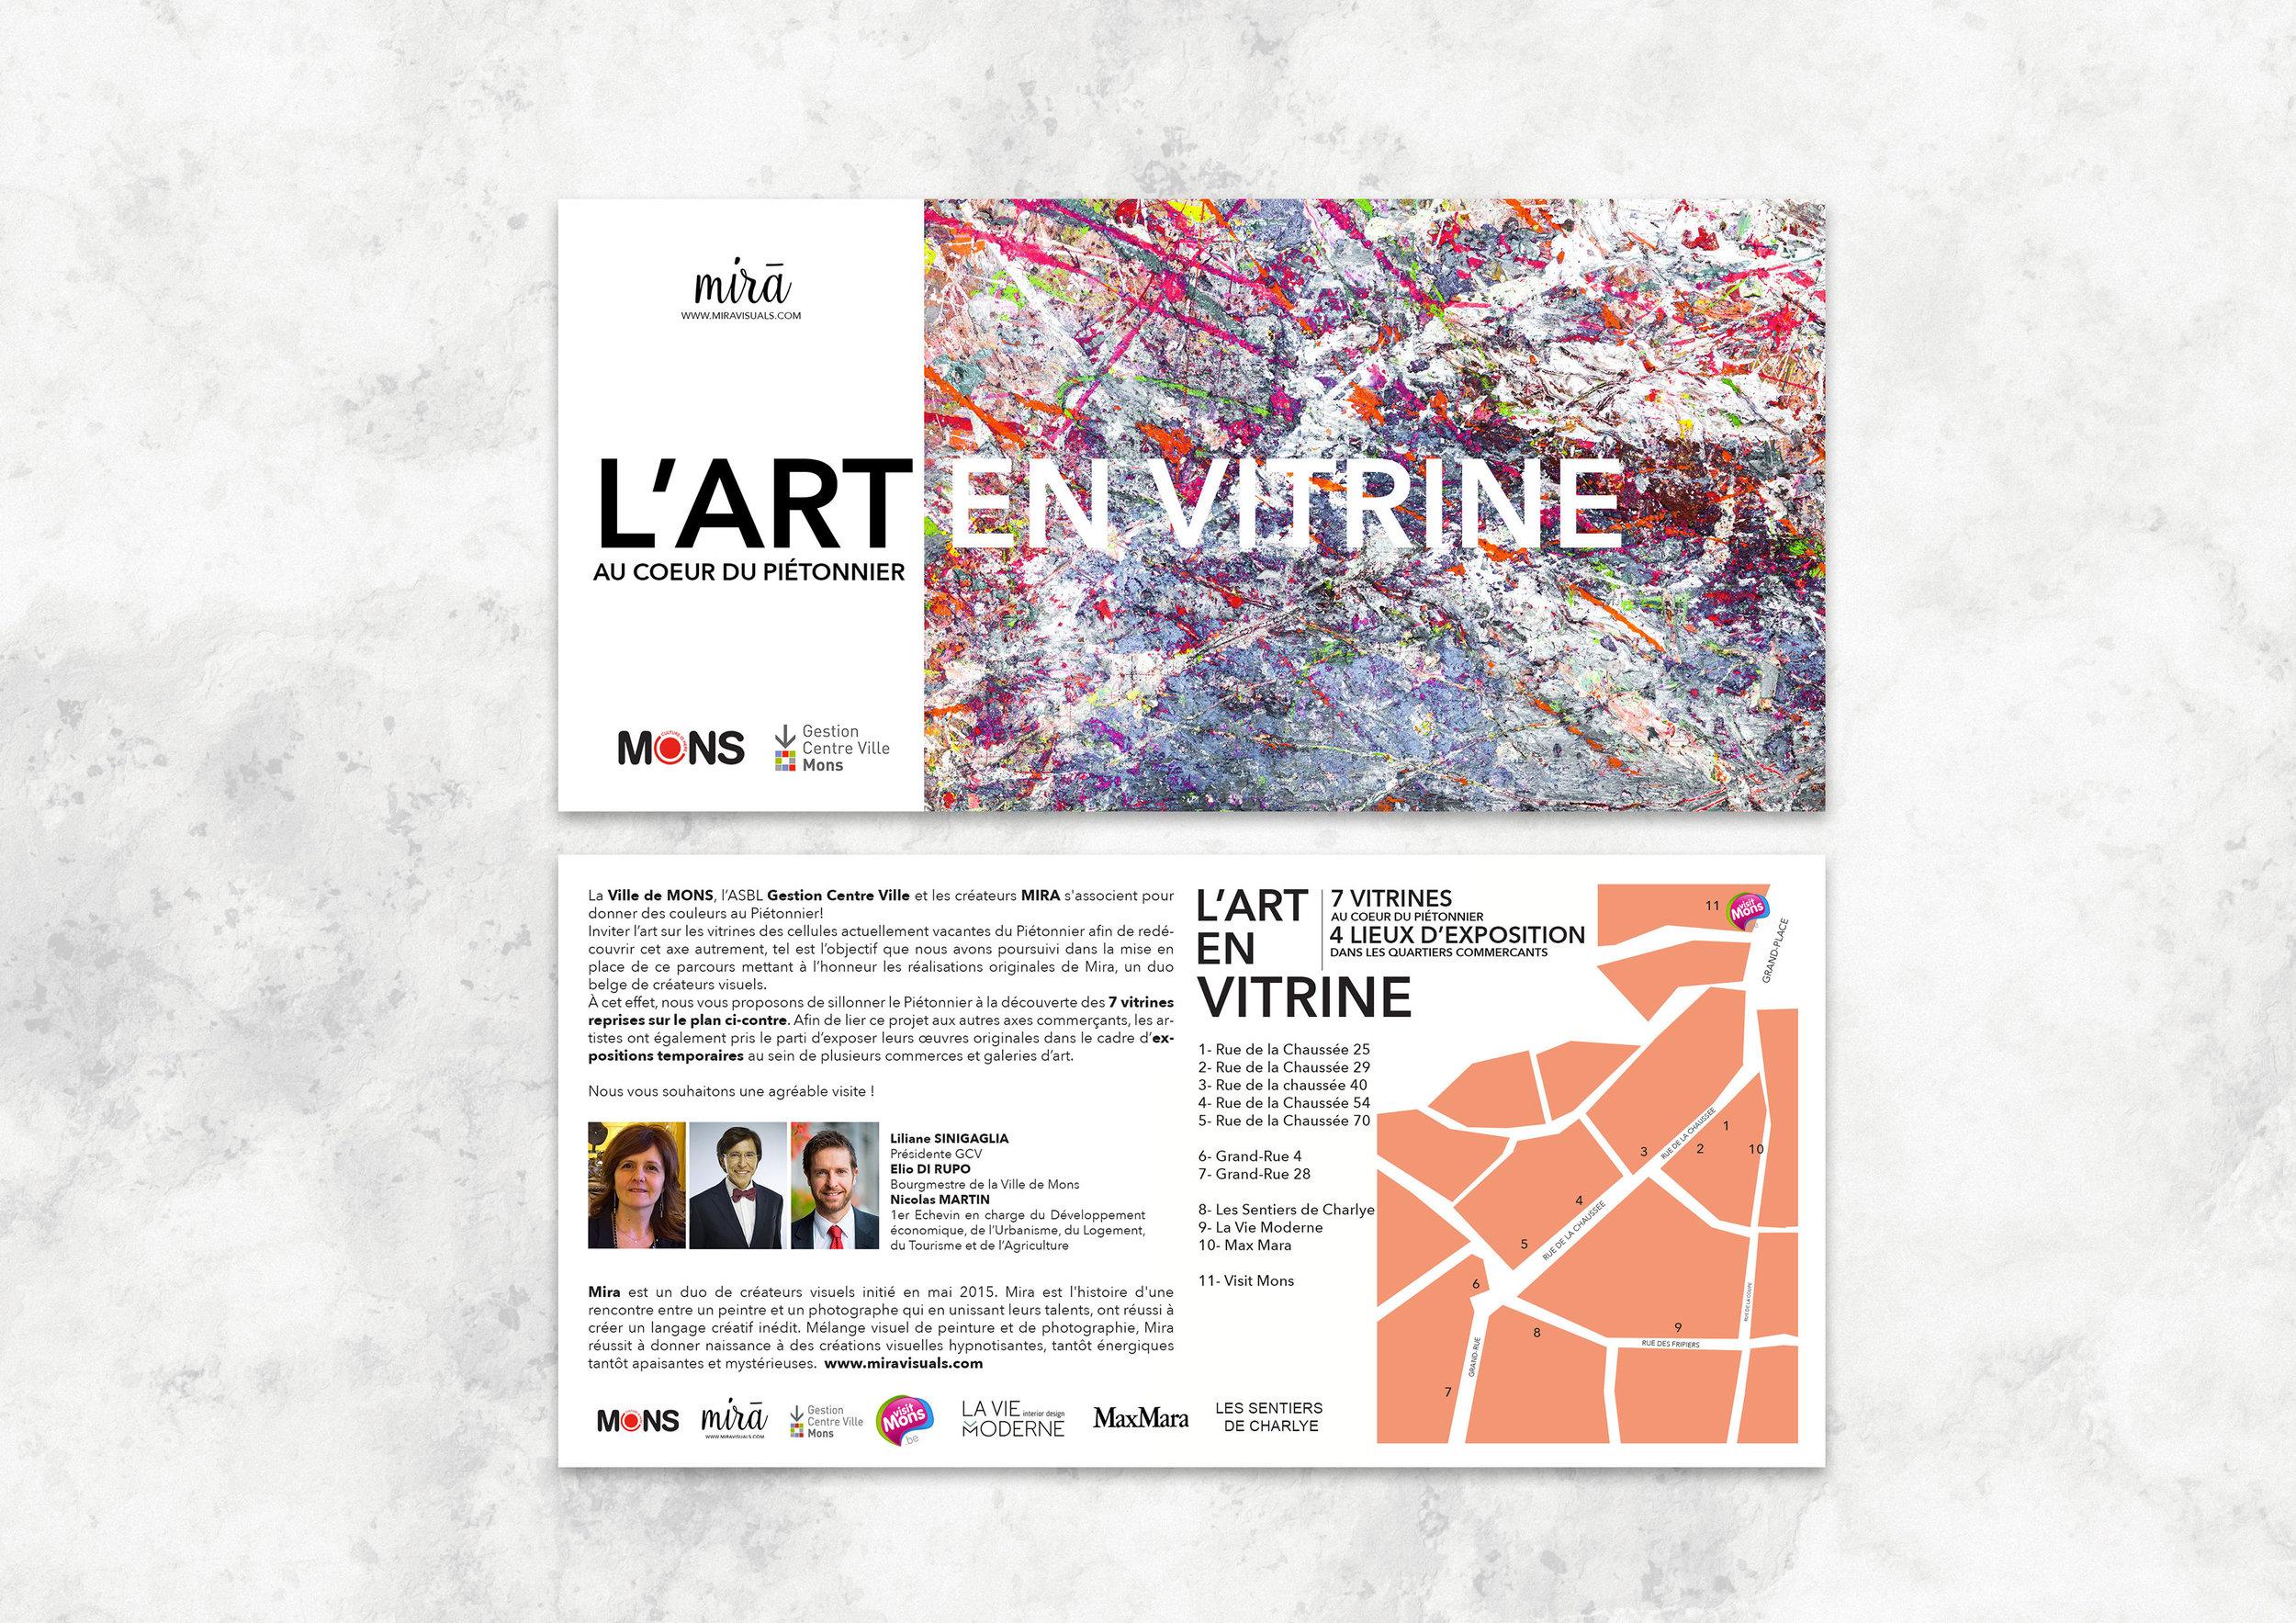 Mira_Mons_Presentation_Pres_ART_EN_VITRINE130417.jpg